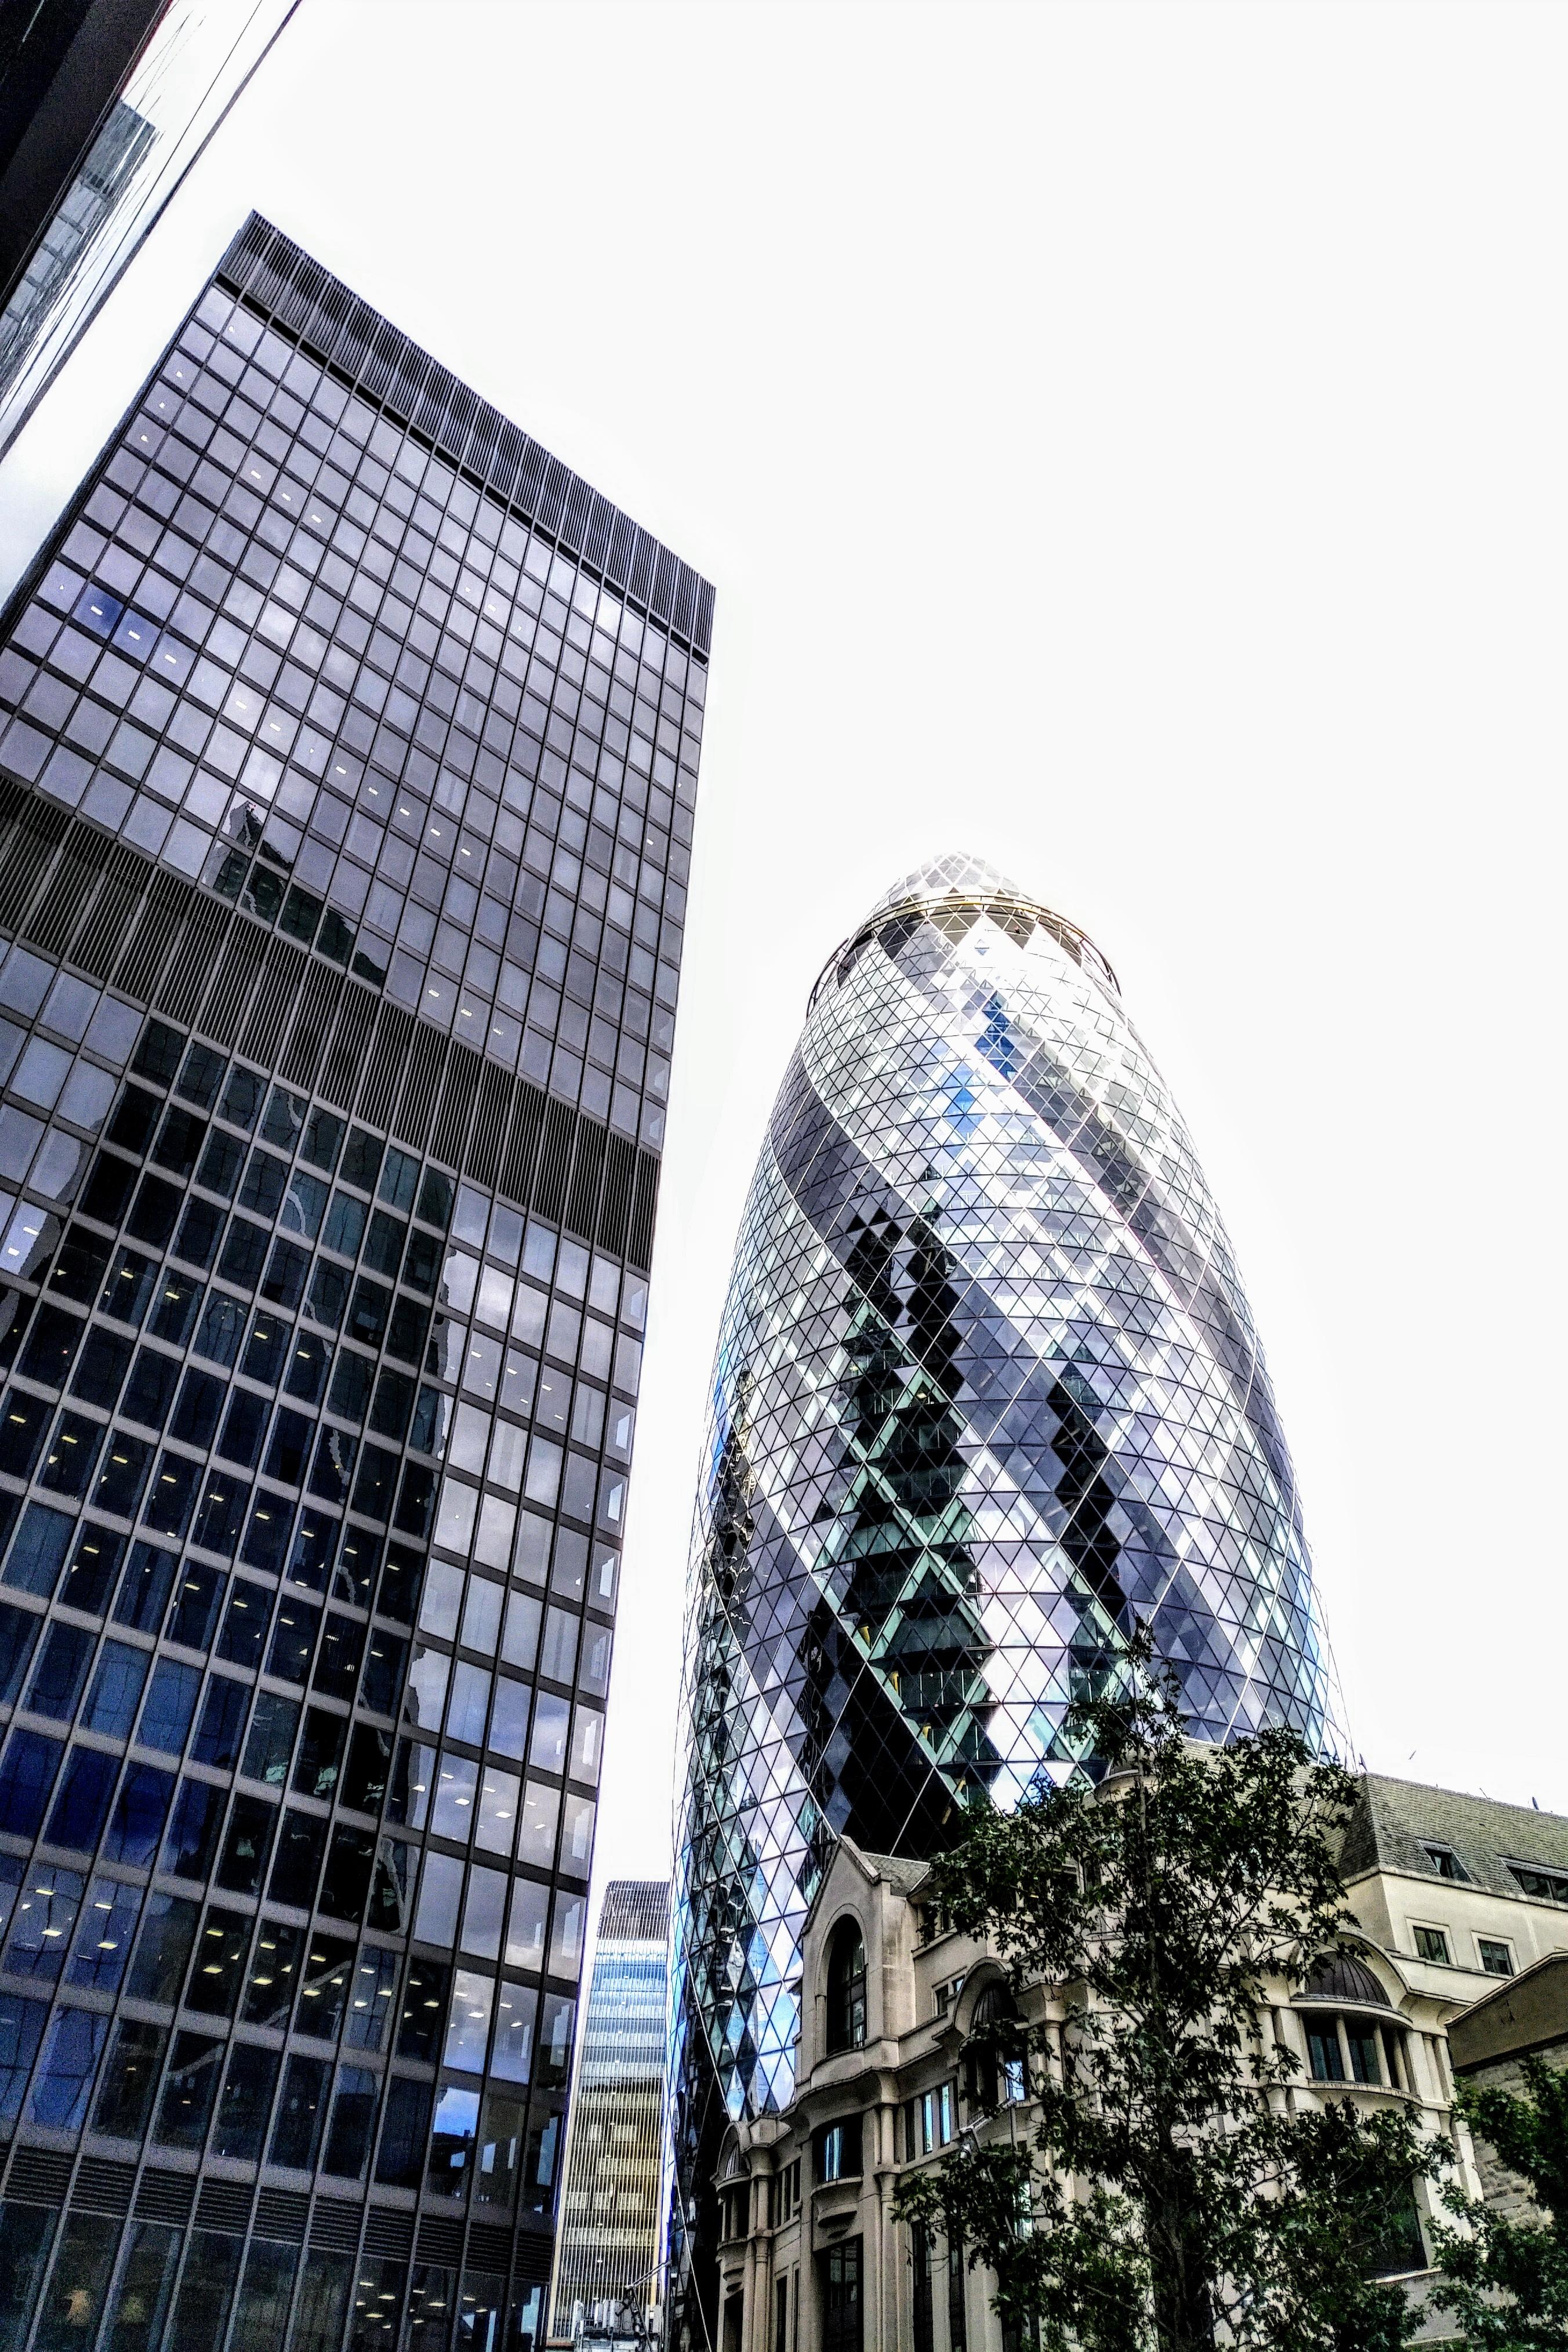 Gherkin Building London - 2b1radio